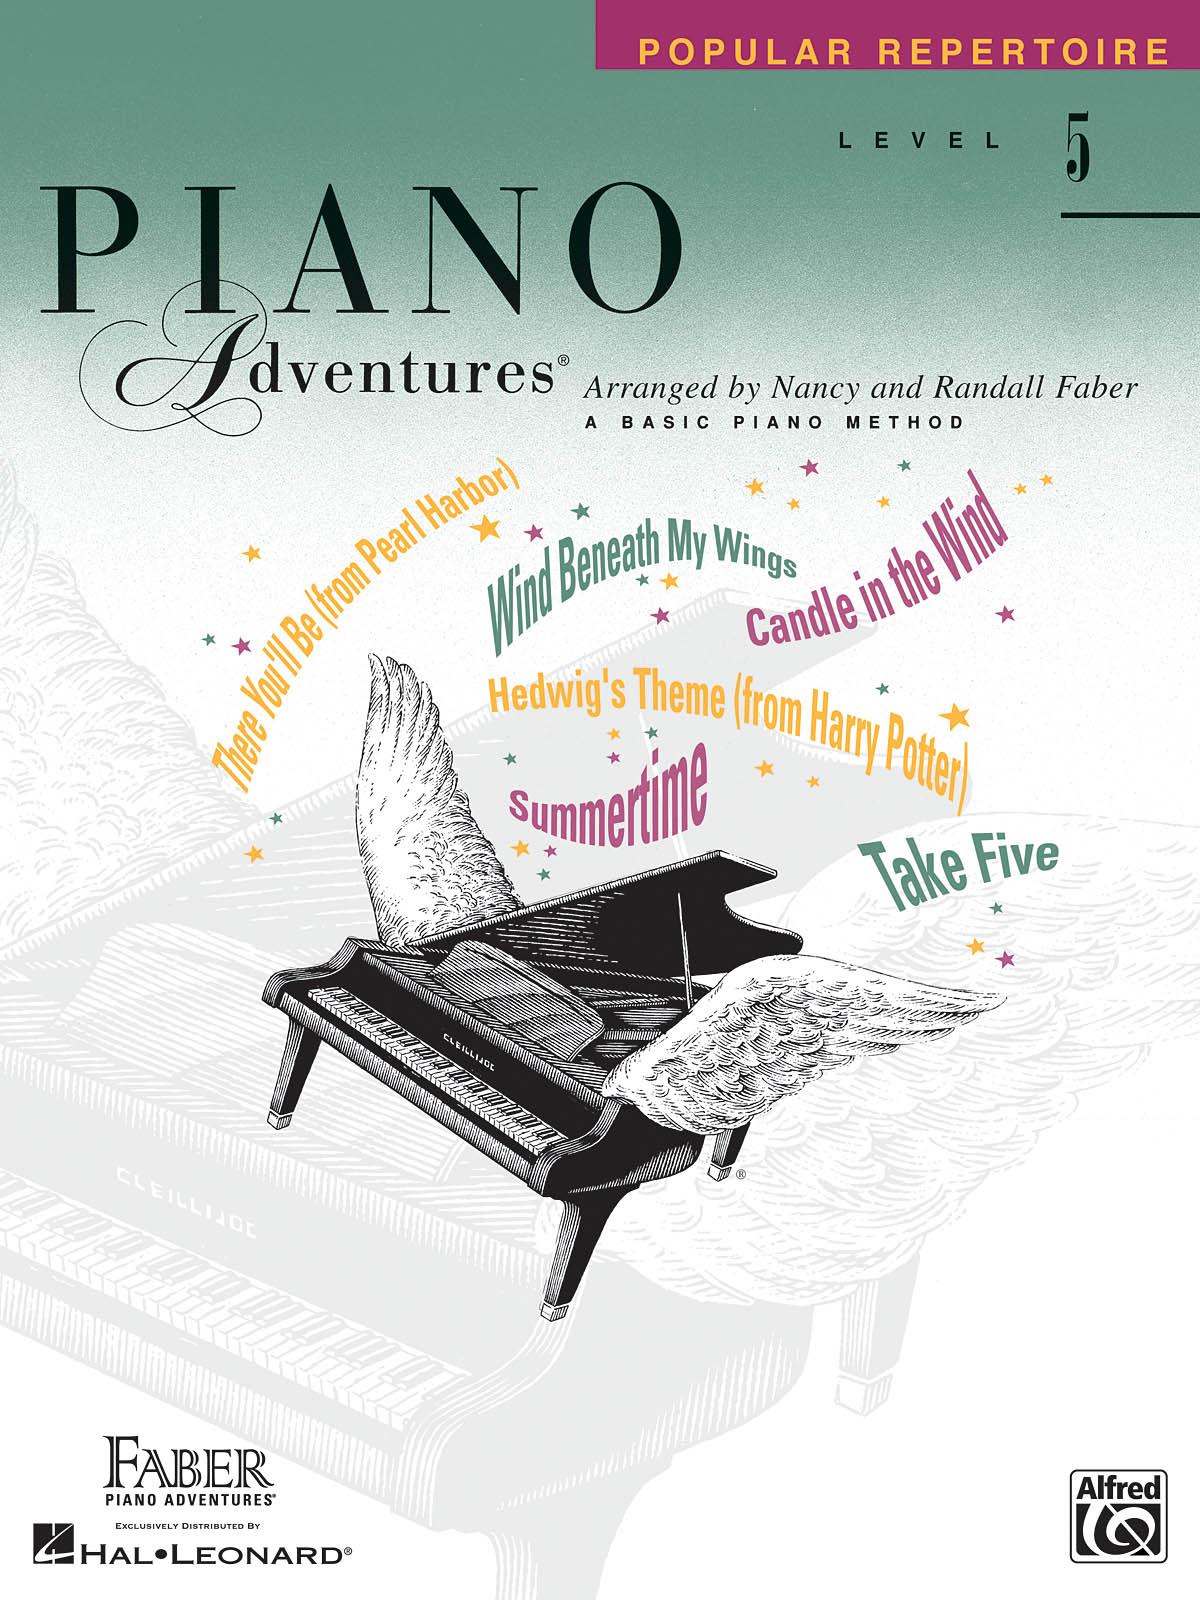 Faber Piano Adventures, Popular Repertoire, Level 5